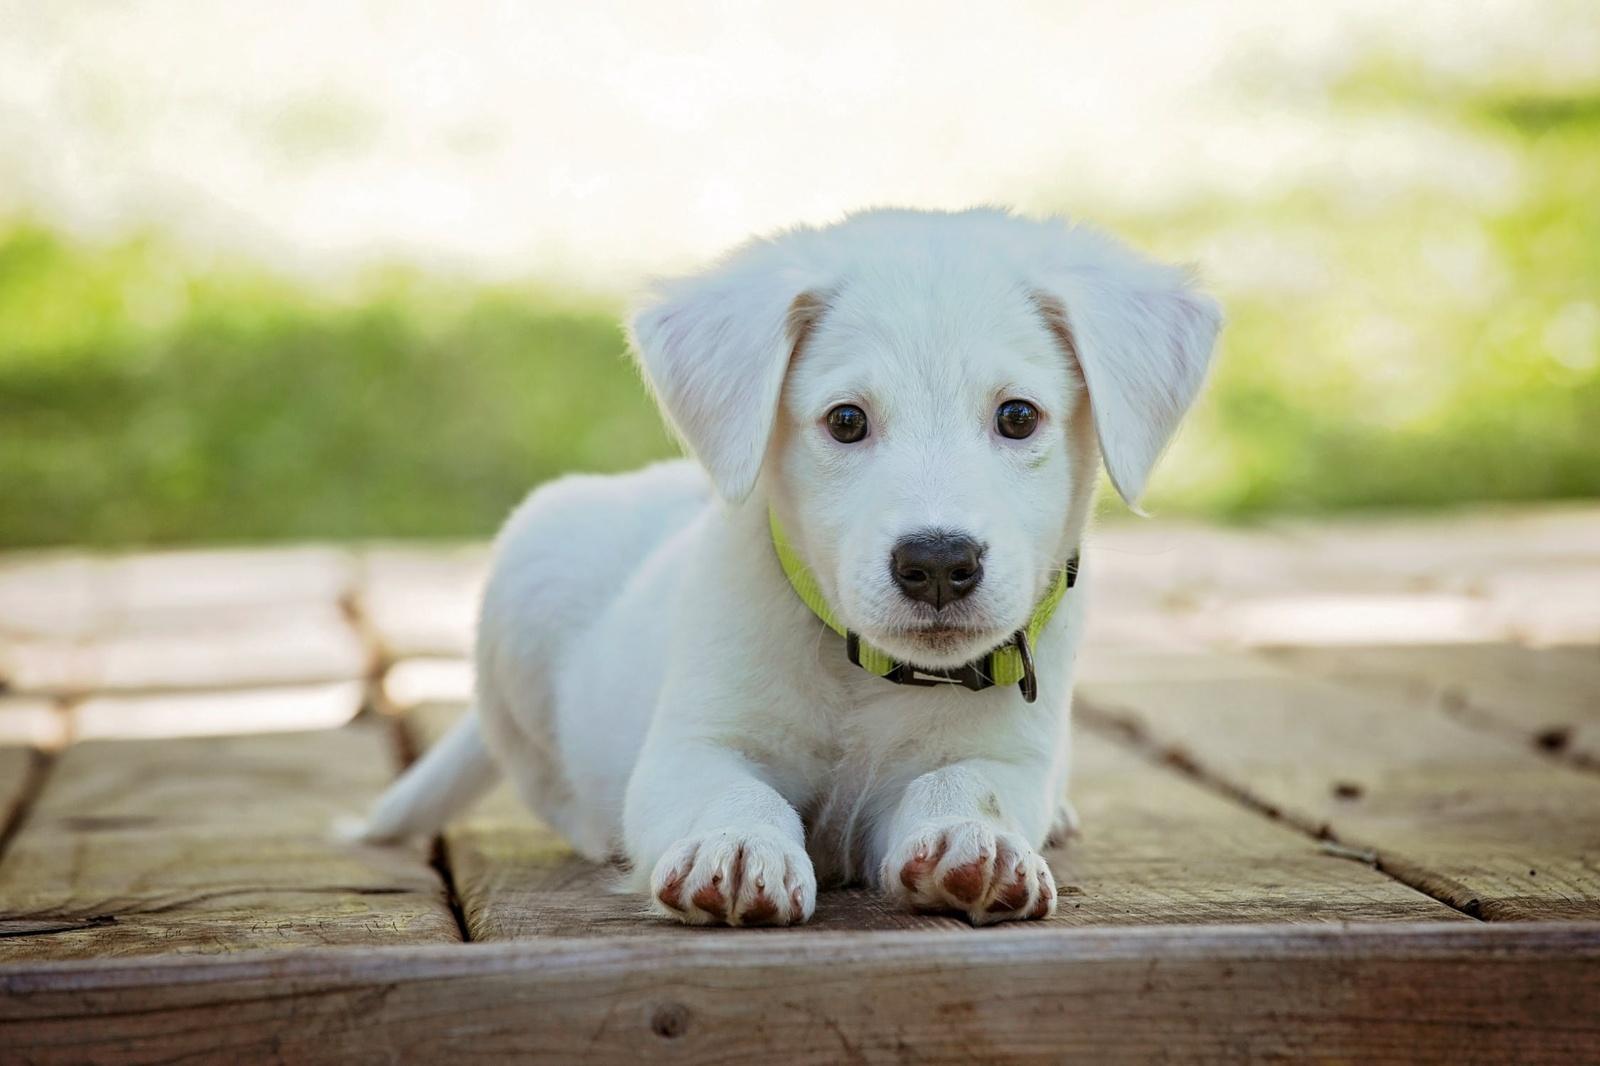 Šunų akių išvaizda evoliucionavo, kad patiktų žmonėms